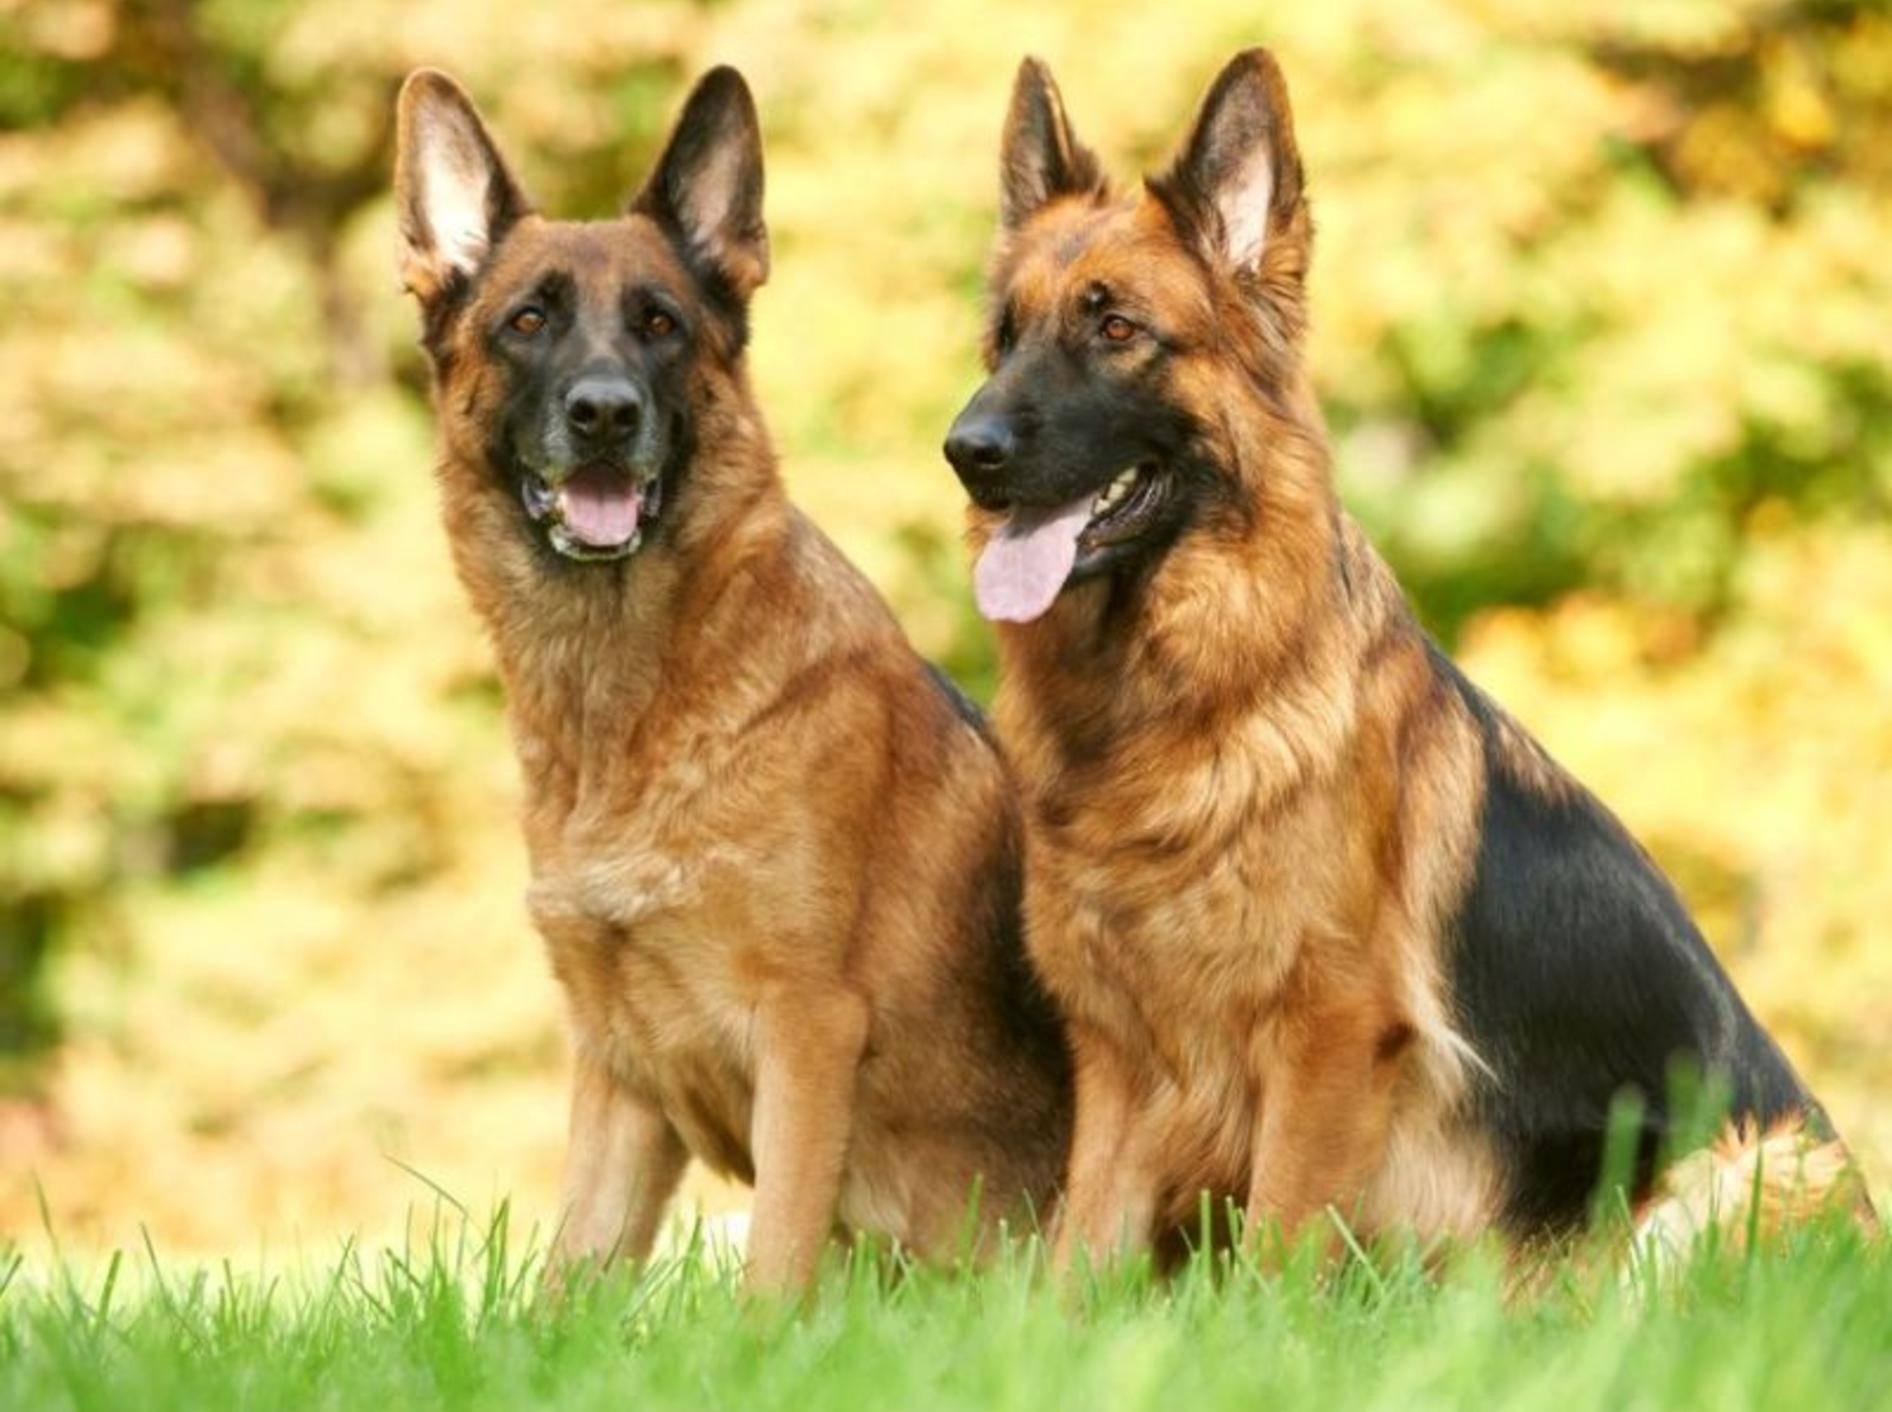 Zwei Schäferhunde auf der Wiese